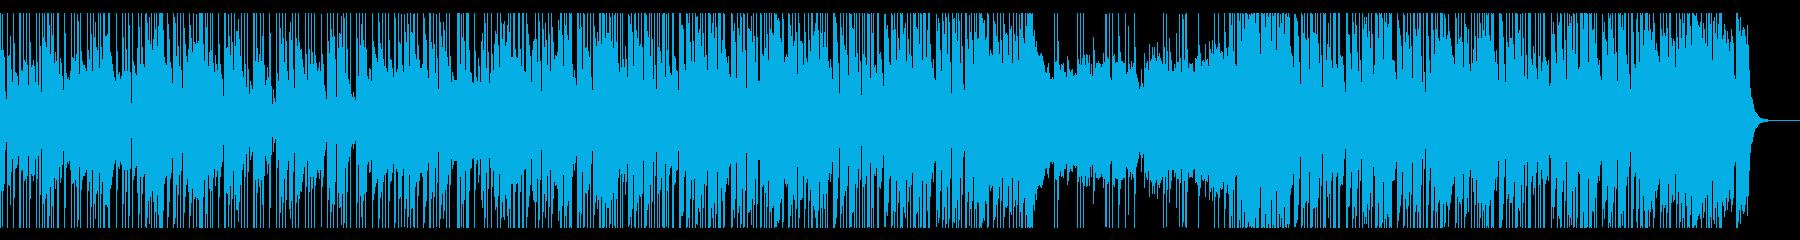 大人な感じのファンクです。の再生済みの波形